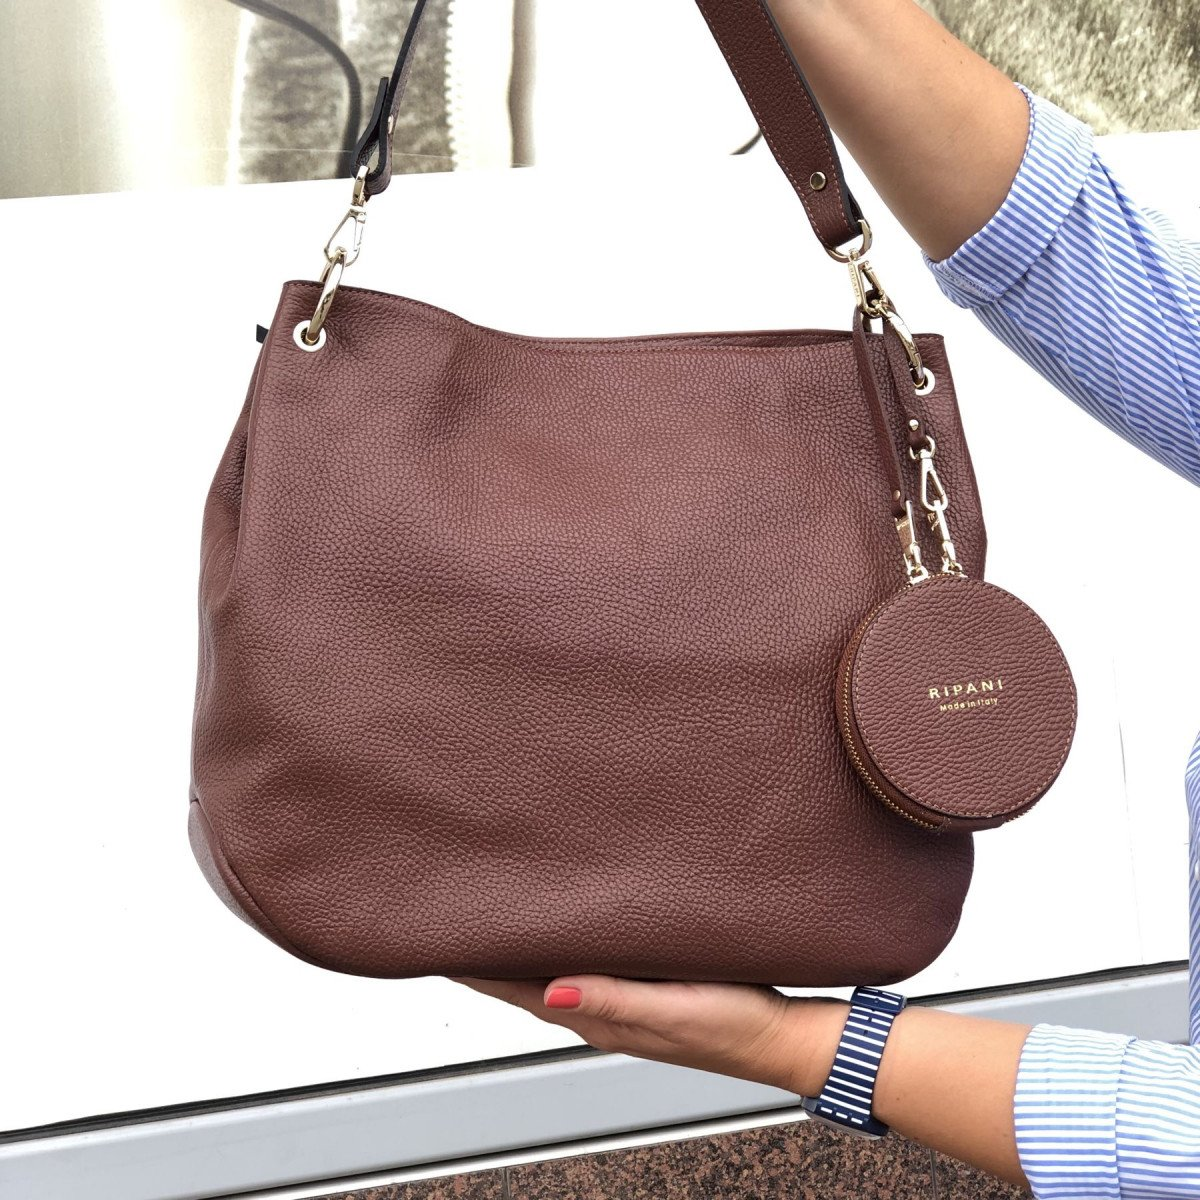 Женская кожаная сумка Ripani 9267OO.00060 Mandorla из натуральной кожи